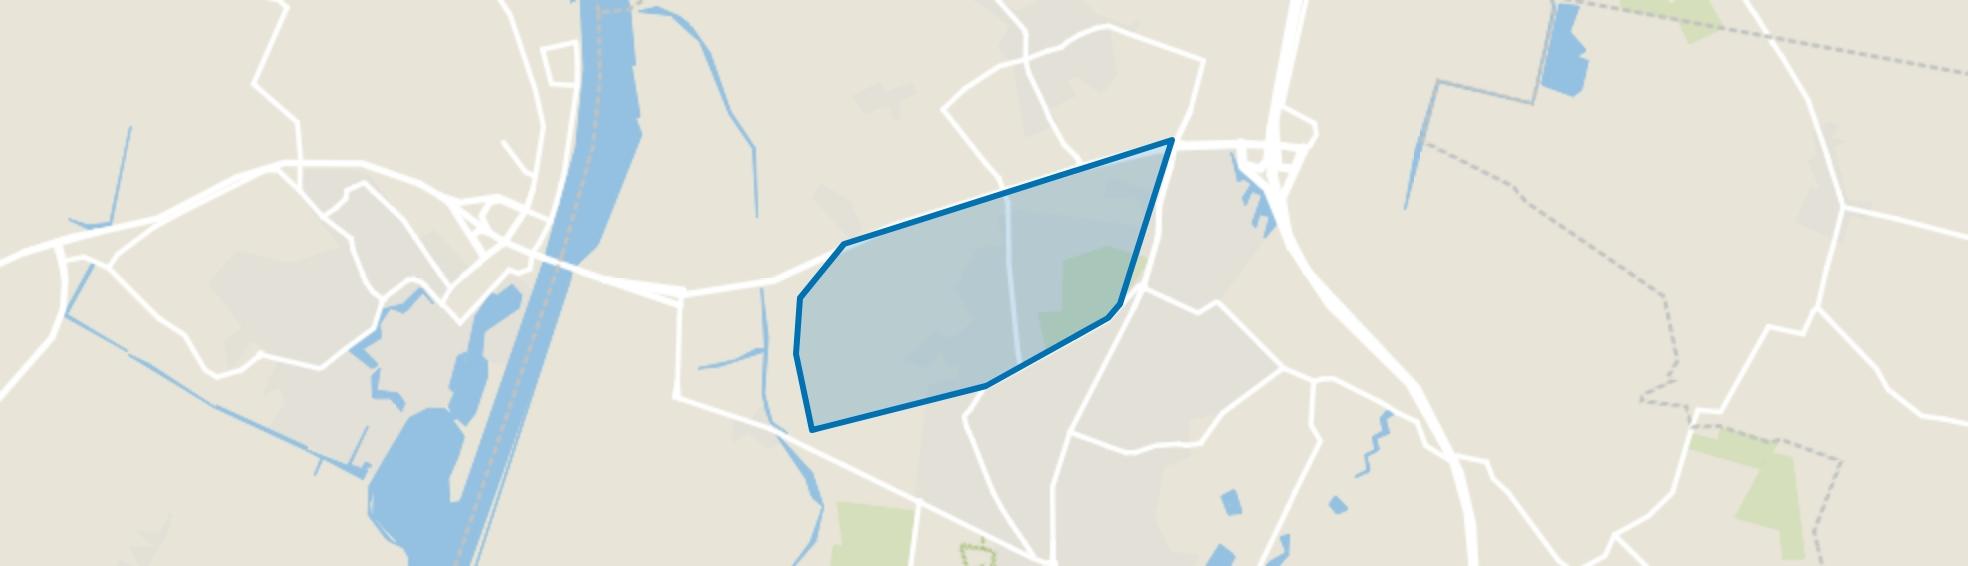 De Beek, Halsteren map